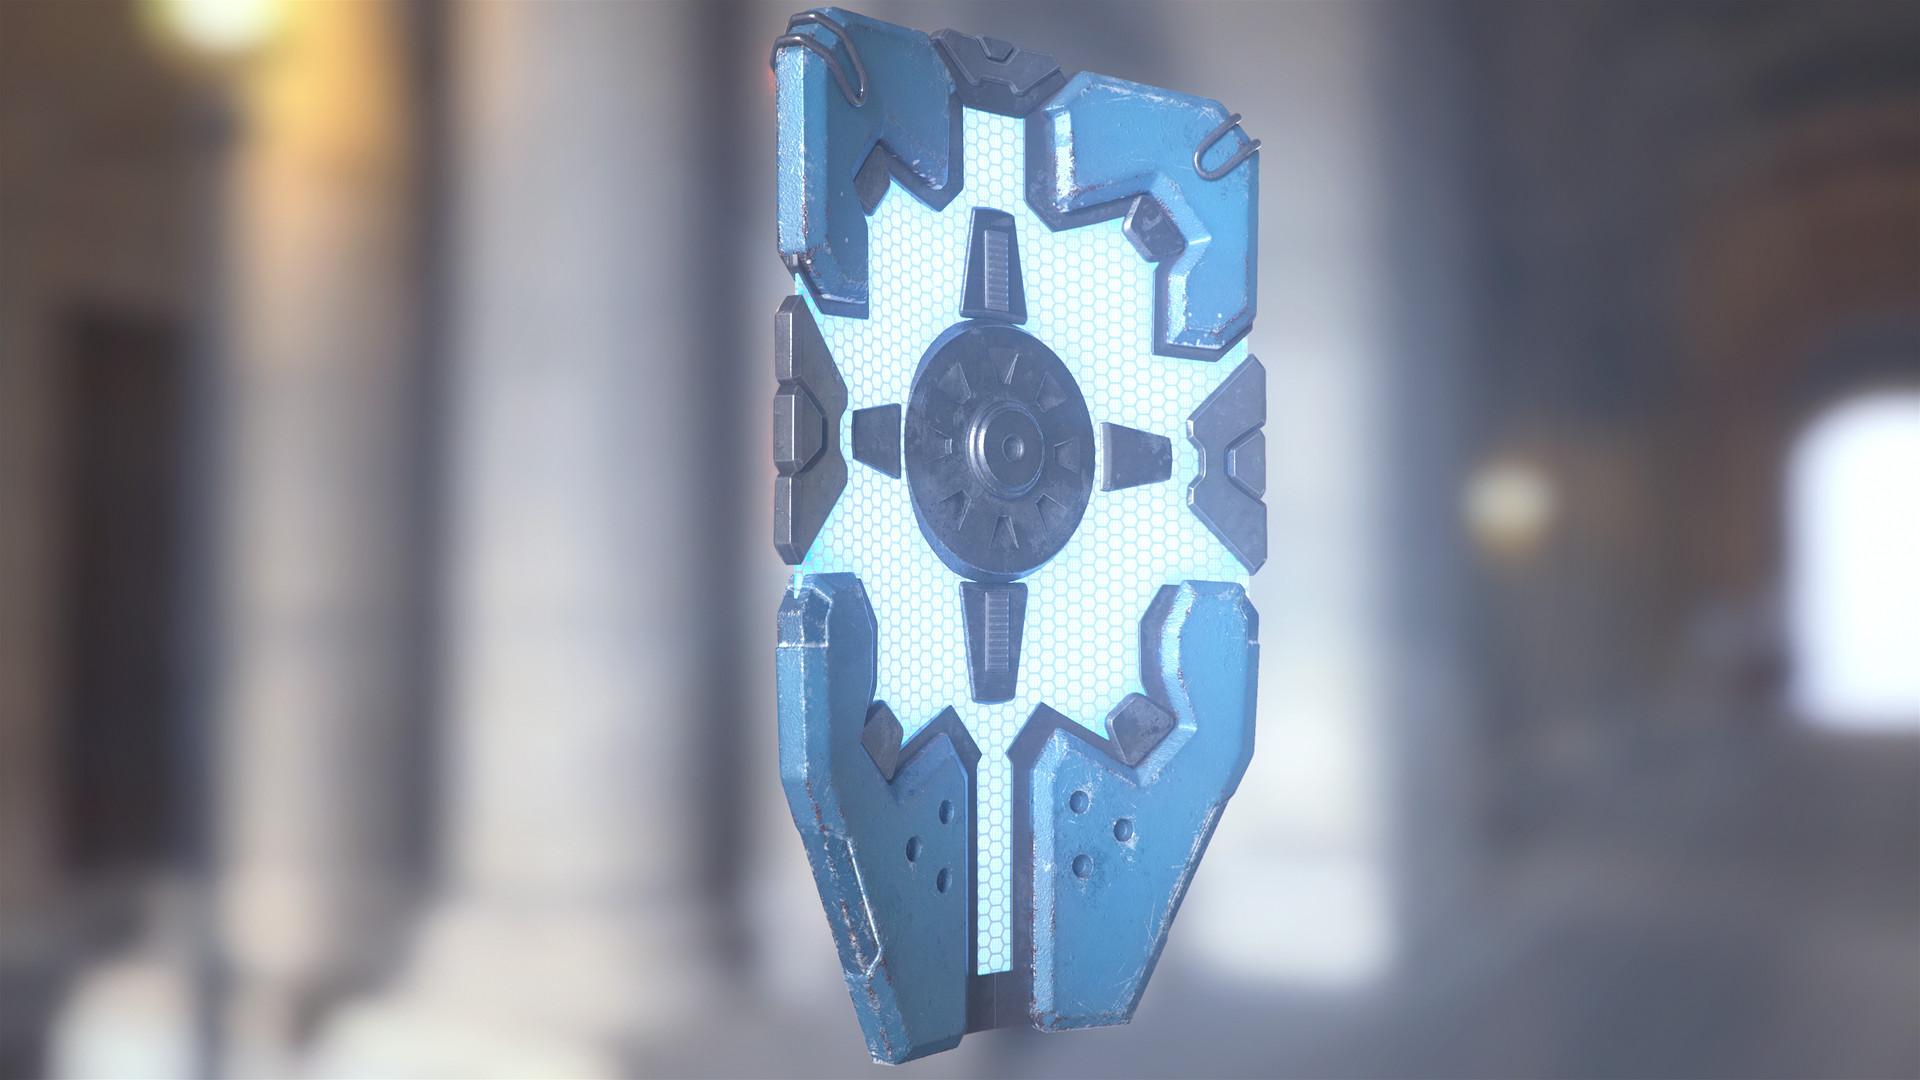 Adrian lan sun luk shield 232